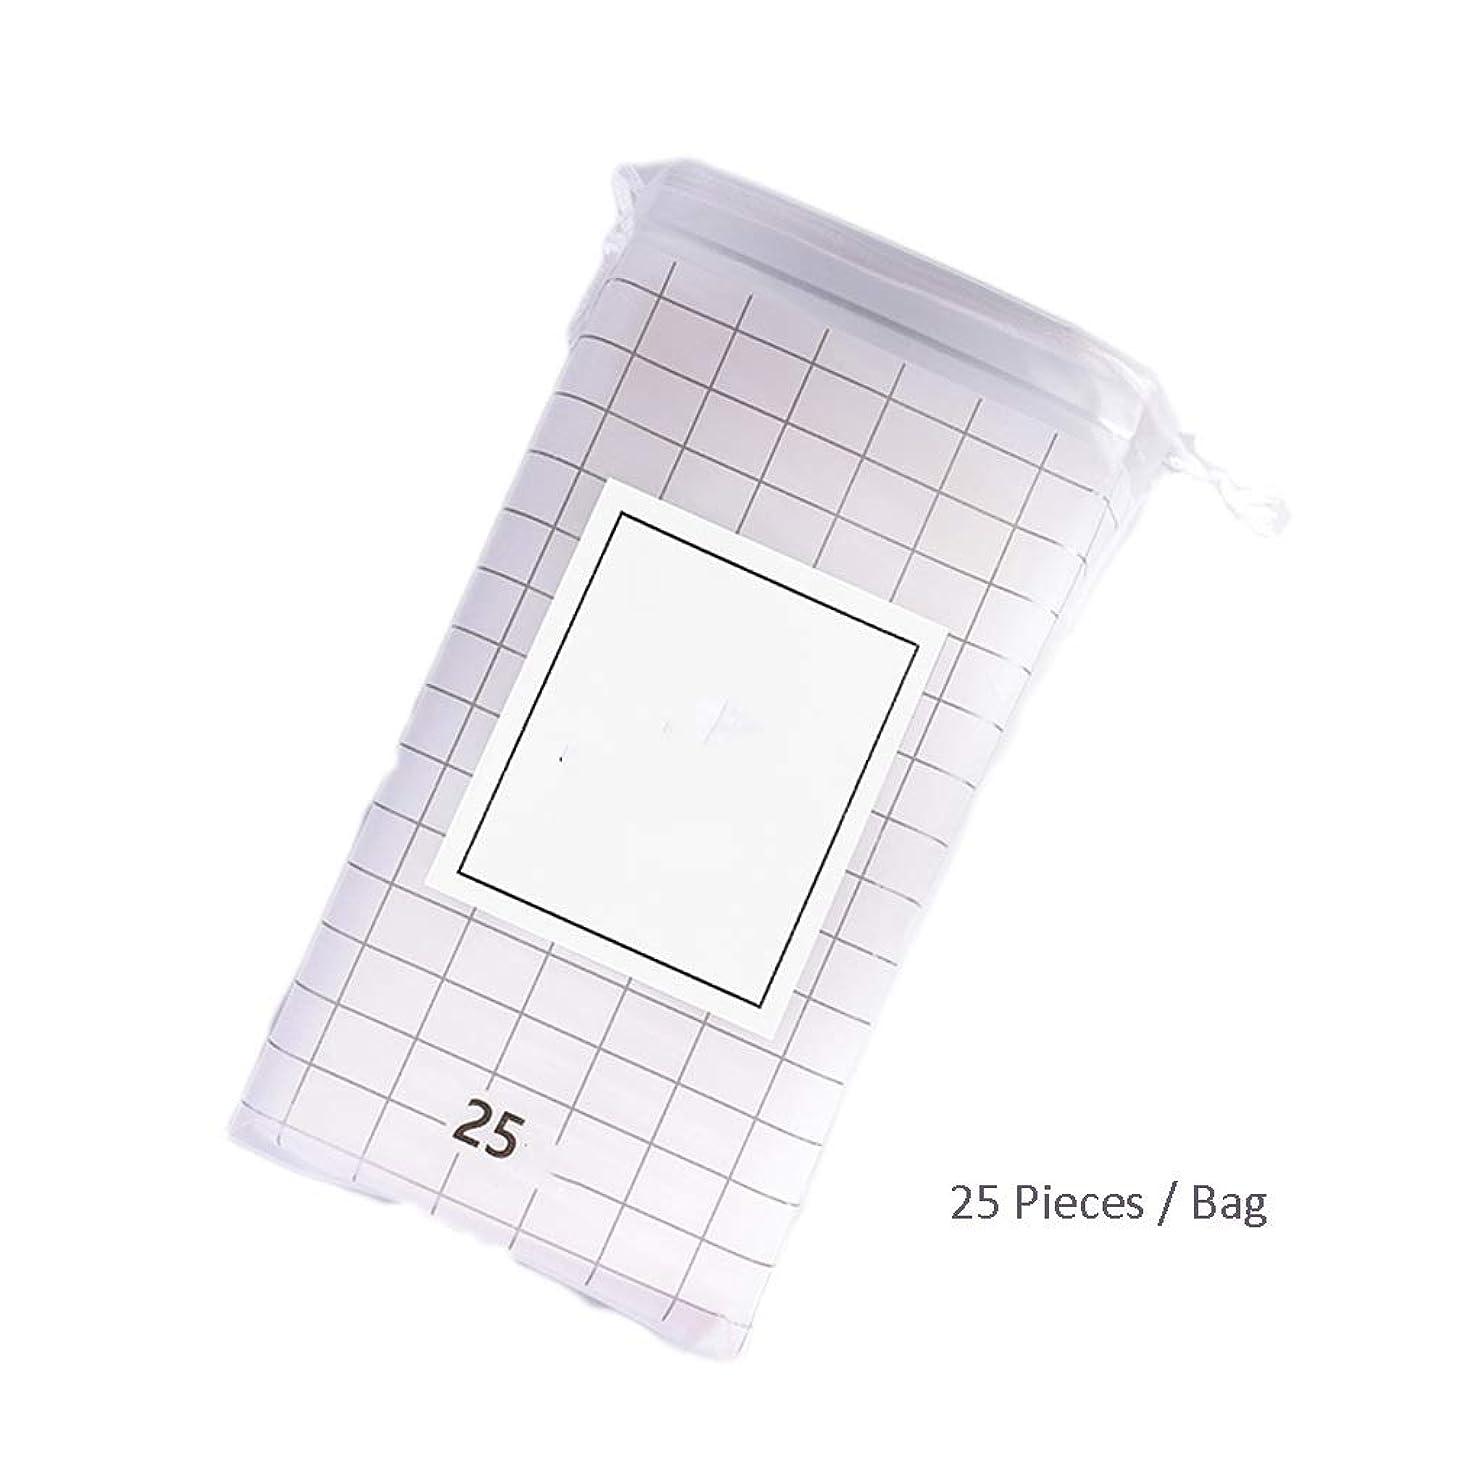 メナジェリーつぼみバラ色クレンジングシート メイクアップフェイシャルカットコットンクレンジングタオルコットンタオルドライ&ウェットクレンジングタオル使い捨てクレンジングタオル (Color : A, サイズ : 20*24cm)